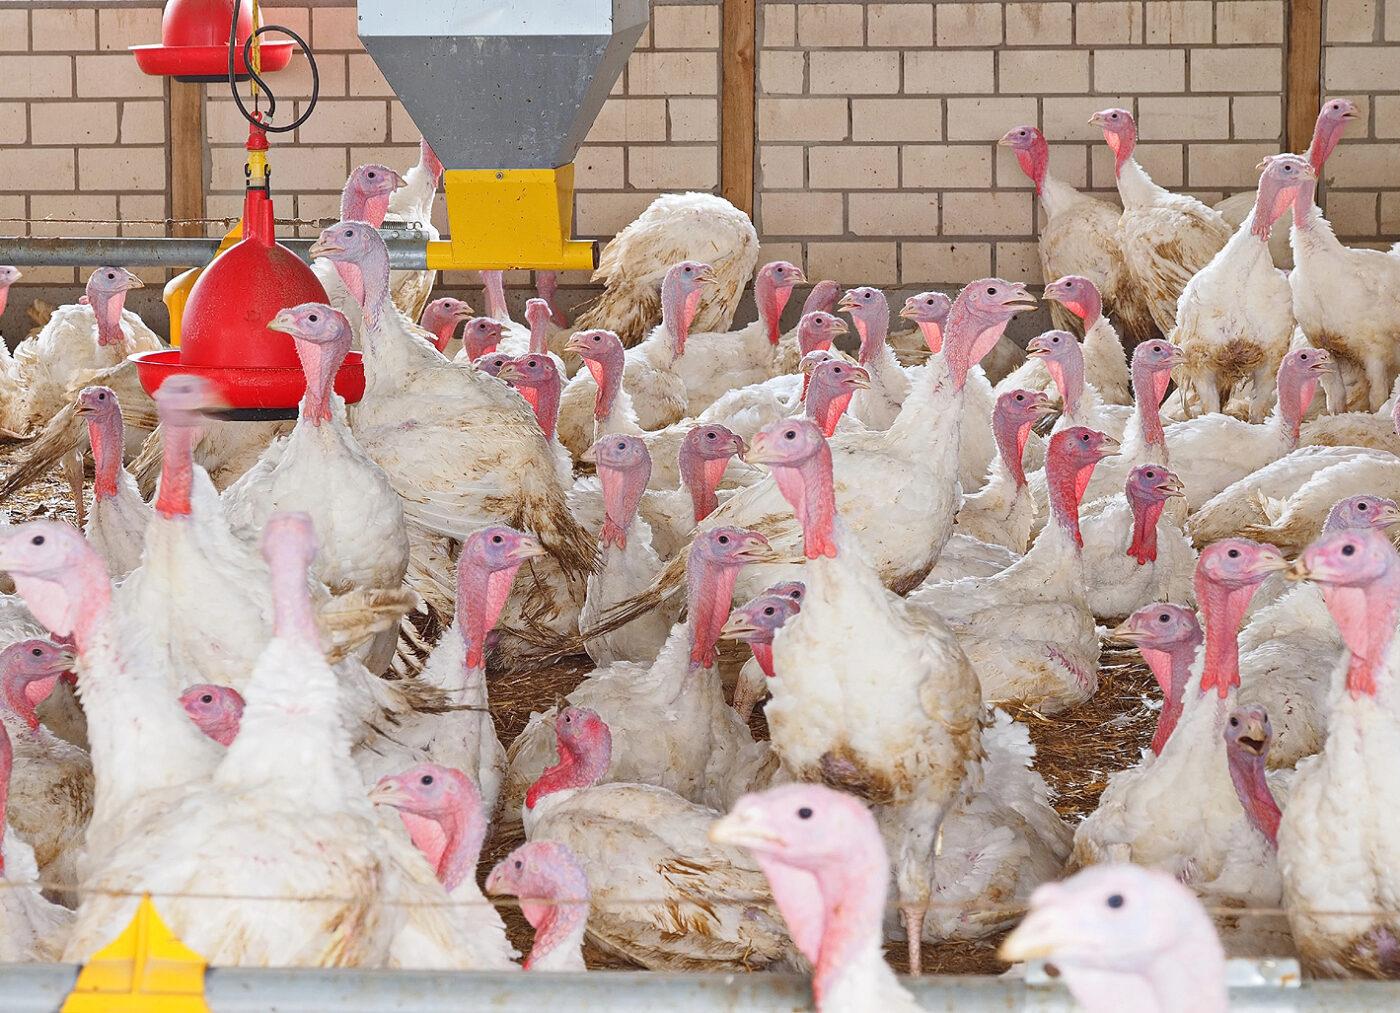 Grüne: Bewährtes Kontrollsystem für Antibiotikaeinsatz in der Tierhaltung nicht zerschlagen